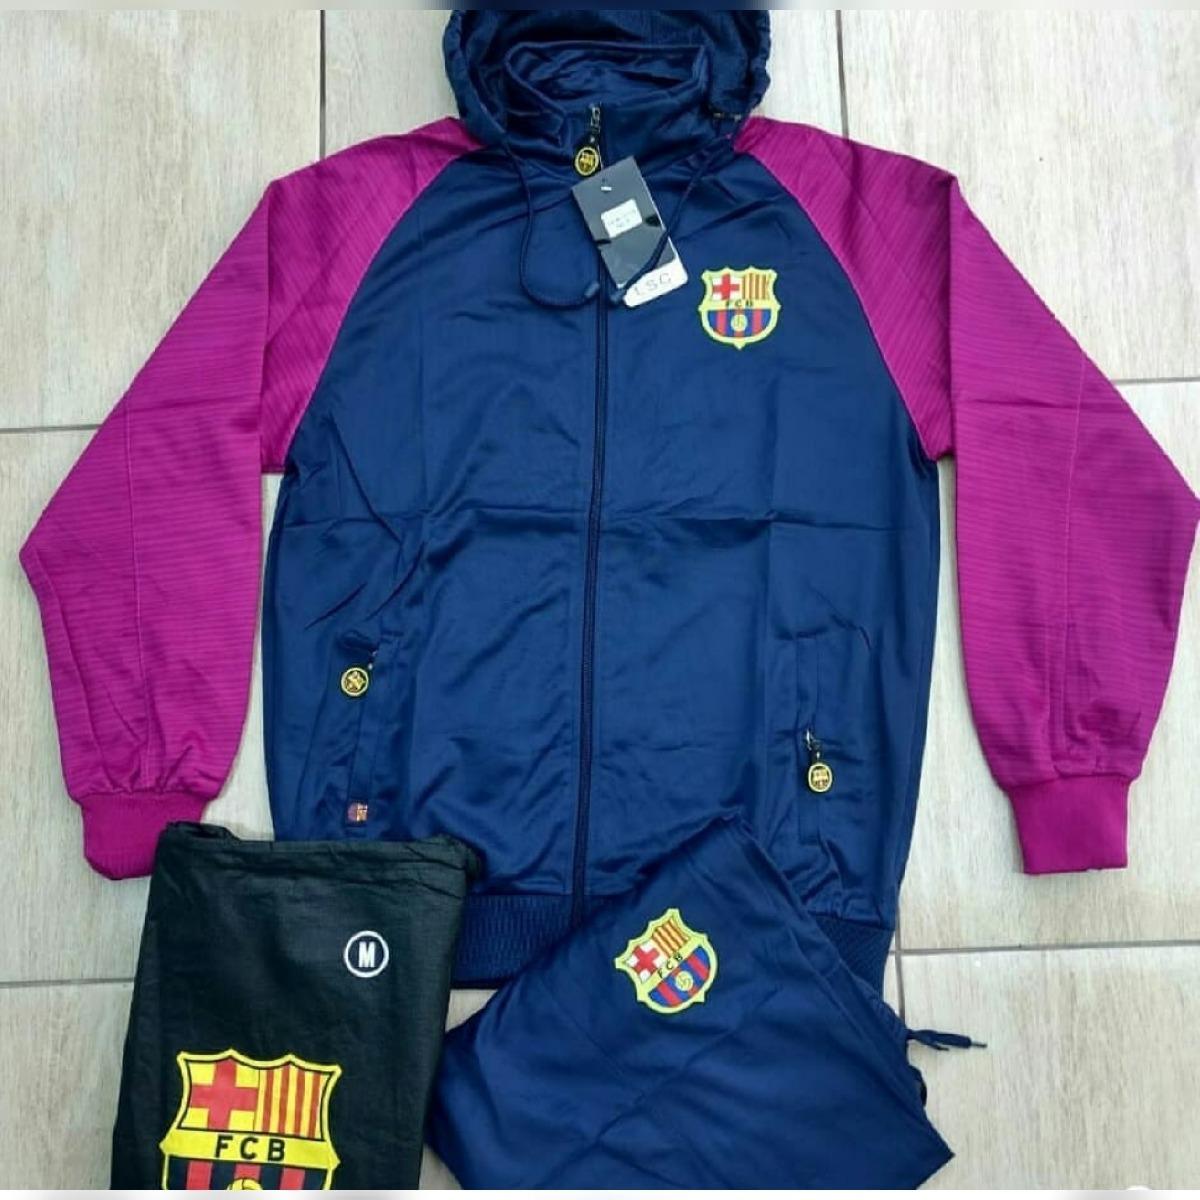 87d60e48b9e81 agasalho conjunto calça blusa frio toca bolso time barcelona. Carregando  zoom.